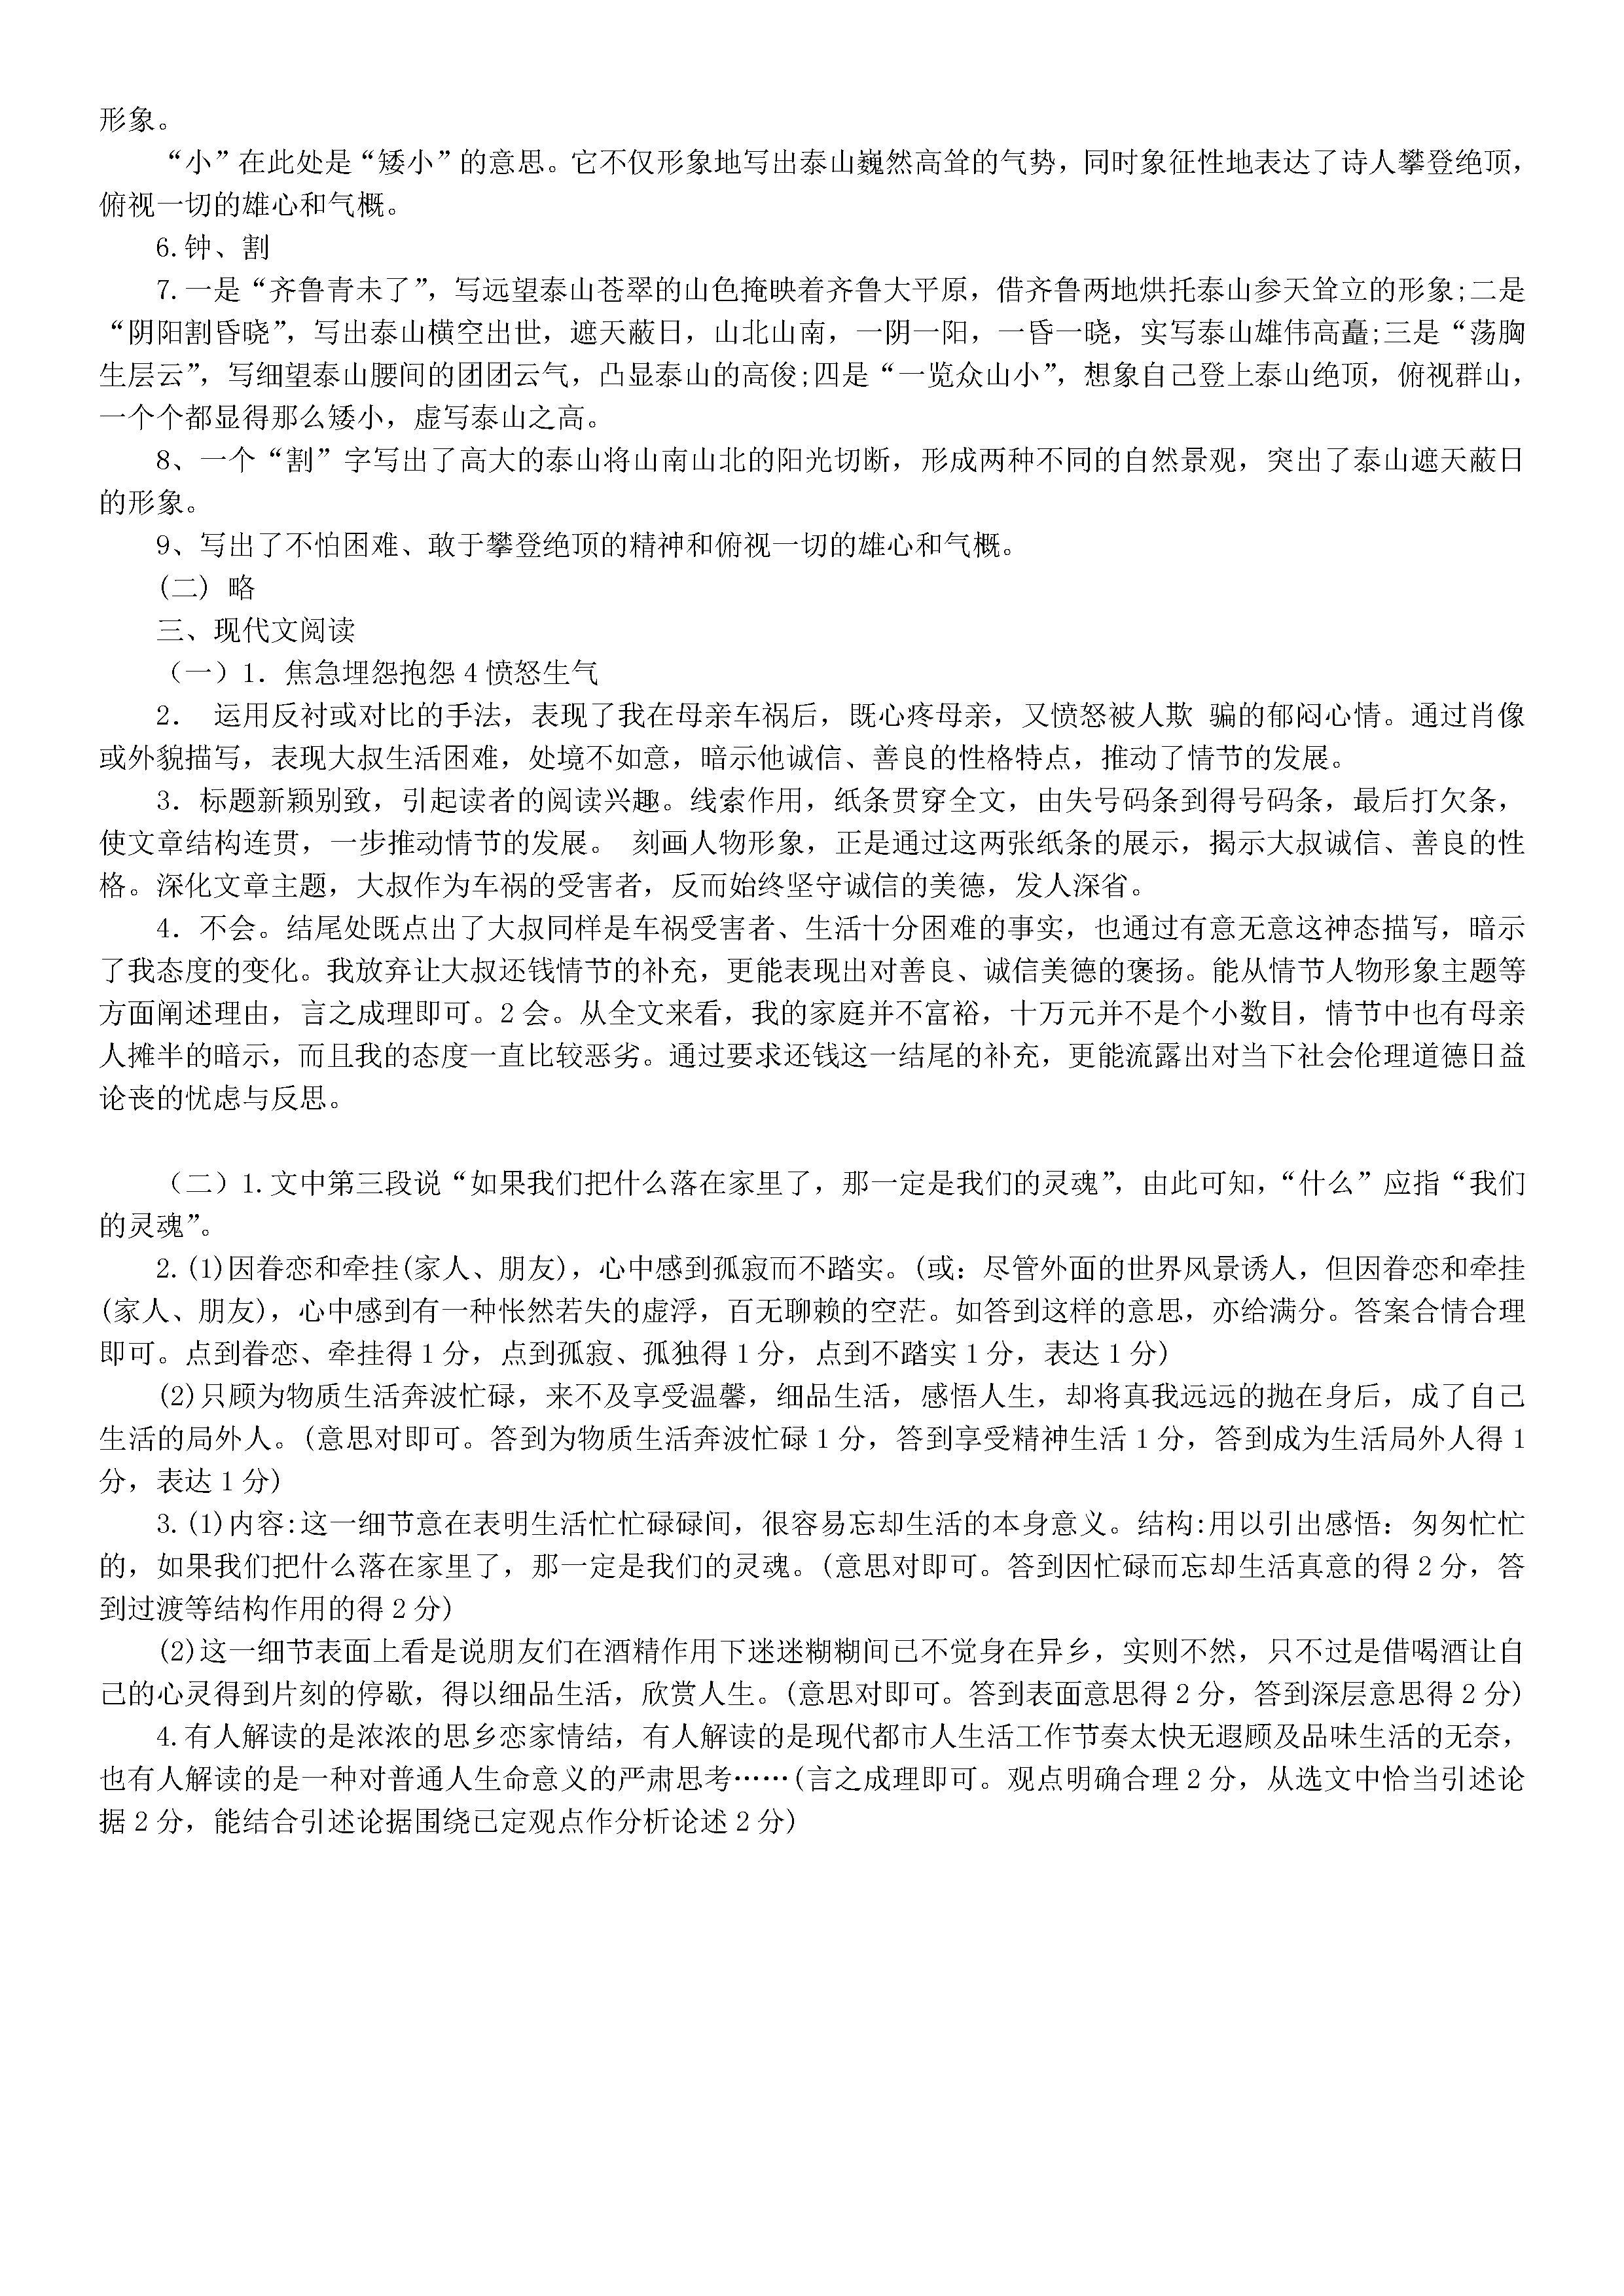 2018-2019七年级语文下册期末测试题含答案(部编版)